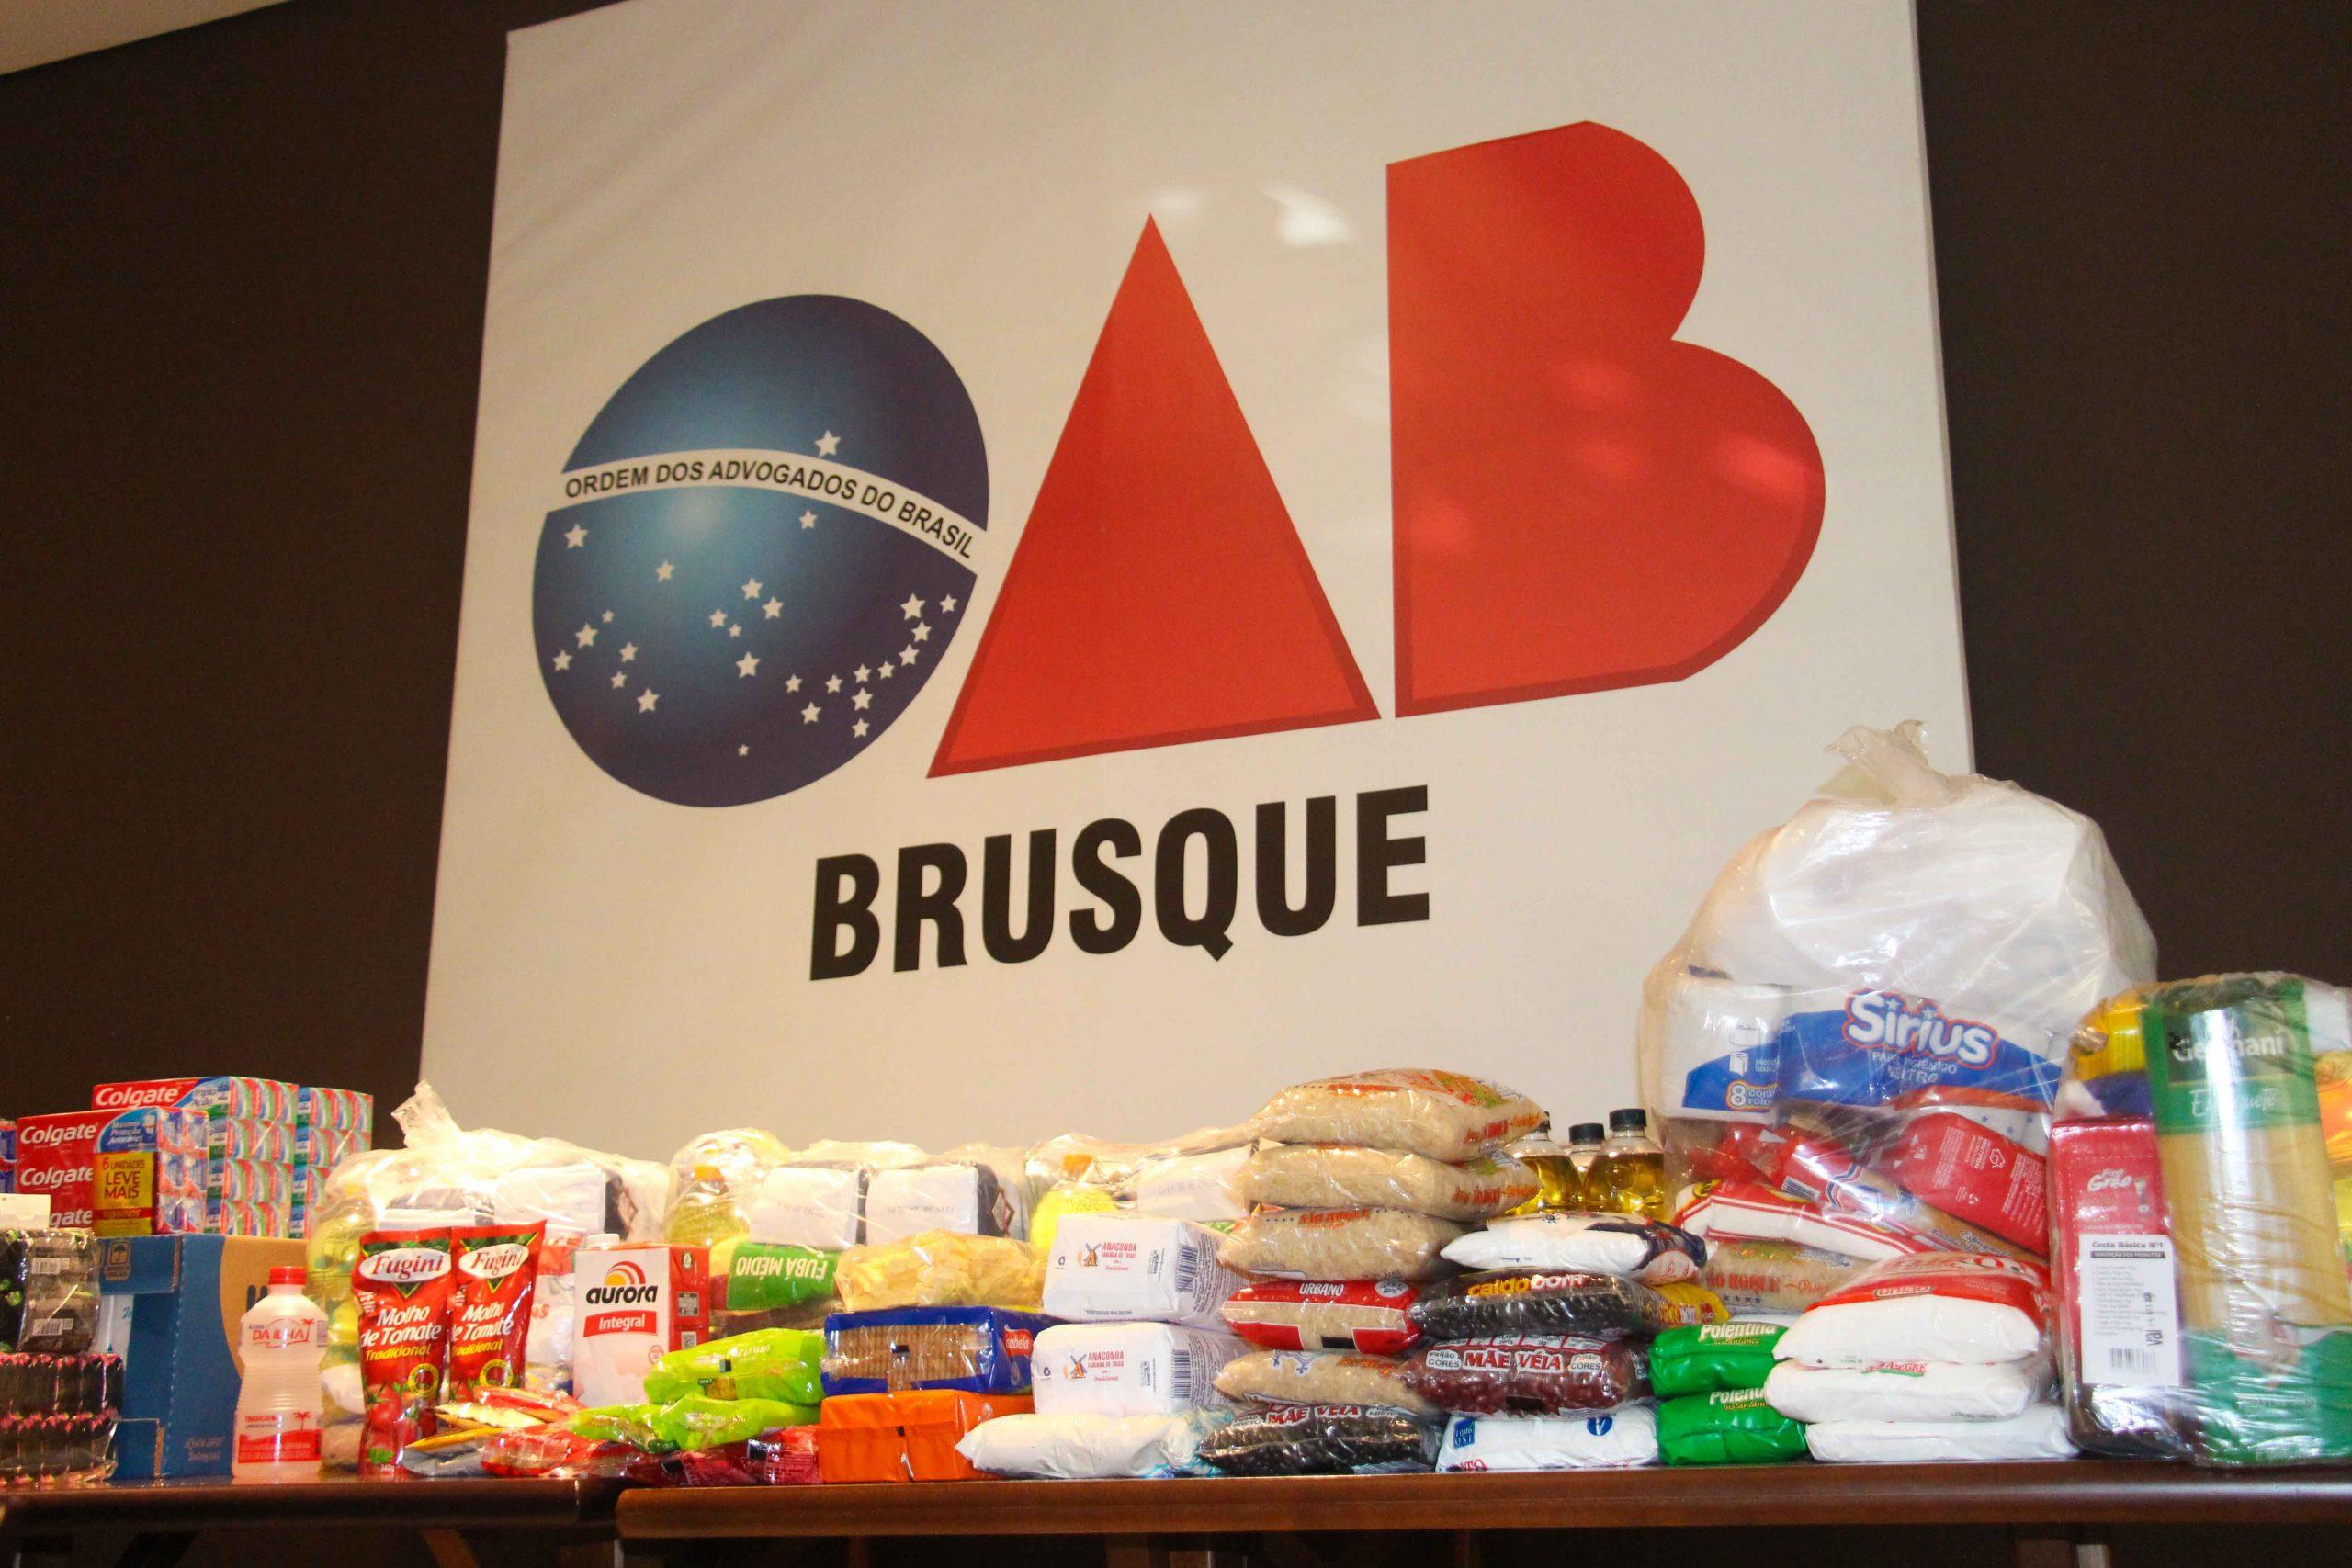 OAB de Brusque destina alimentos arrecadados à Ação Social